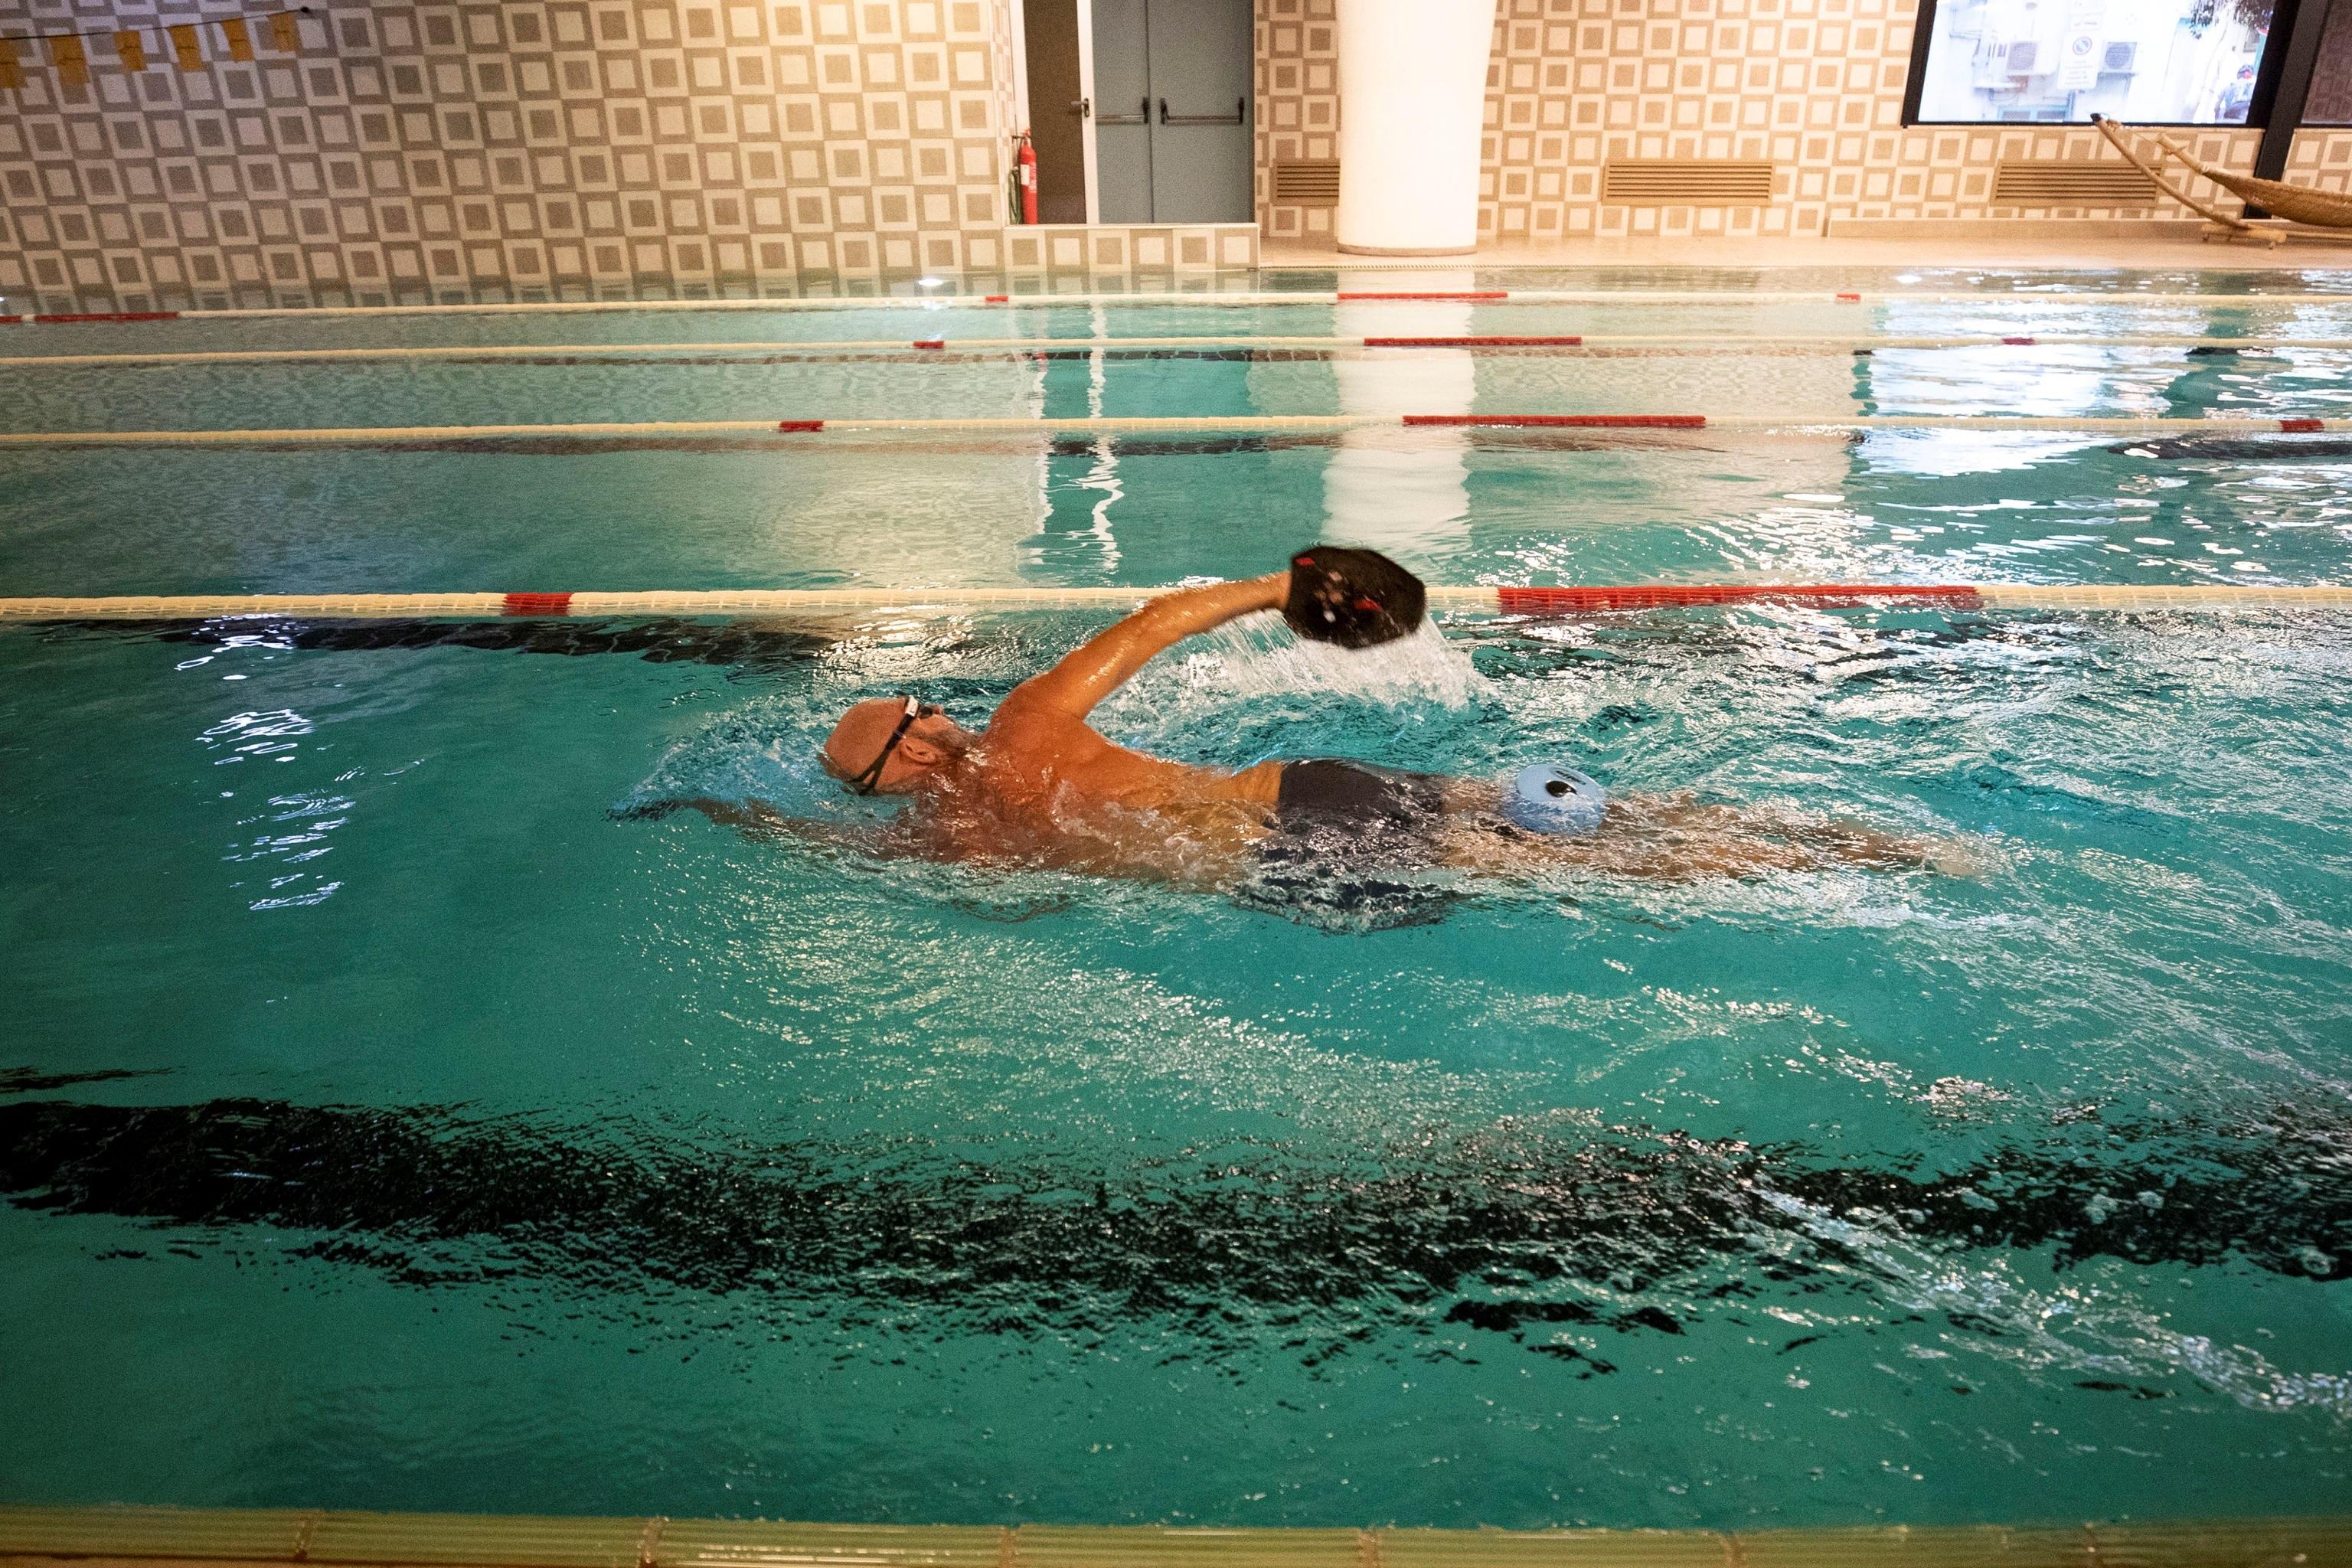 En las piscinas públicas y los parques acuáticos habrá que mantener una distancia de 7 m² entre personas en el agua y de un metro y medio entre tumbonas. (EFE/EPA/MASSIMO PERCOSSI)